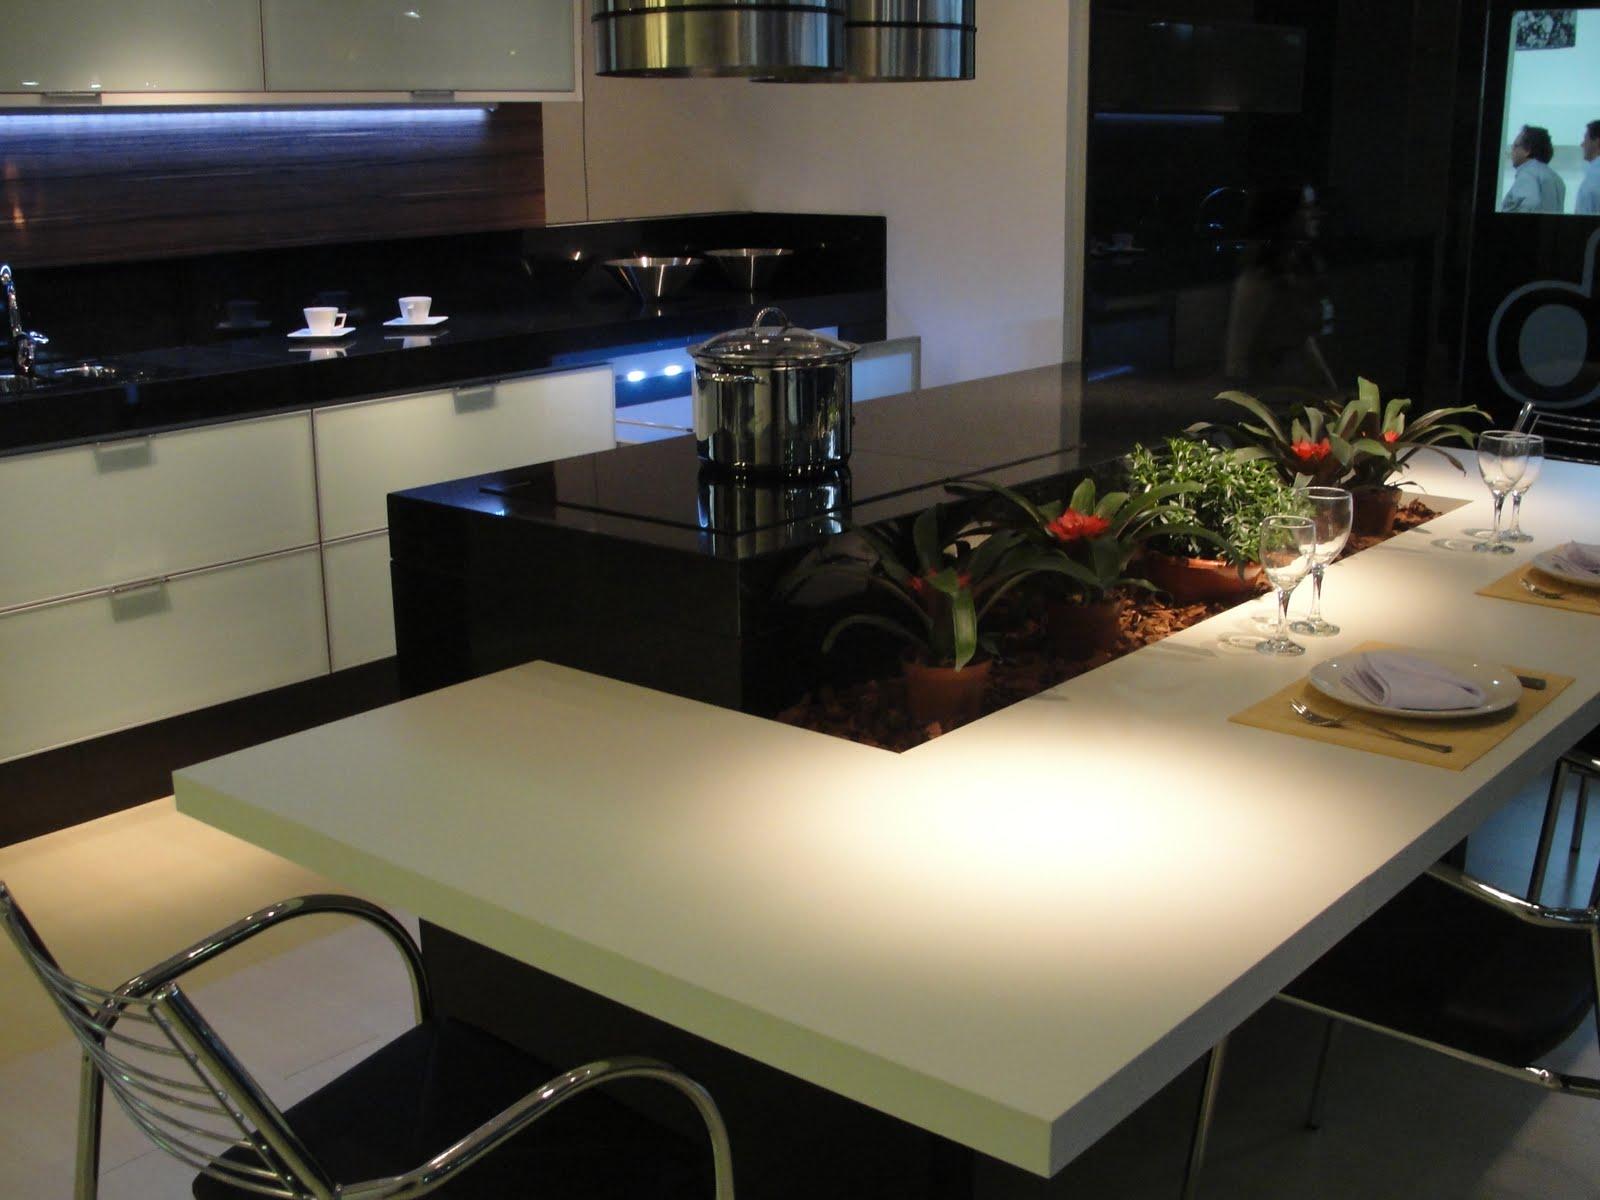 Veis Planejados Para Sala M Veis Planejados Para Cozinha M Veis  #987C33 1600 1200